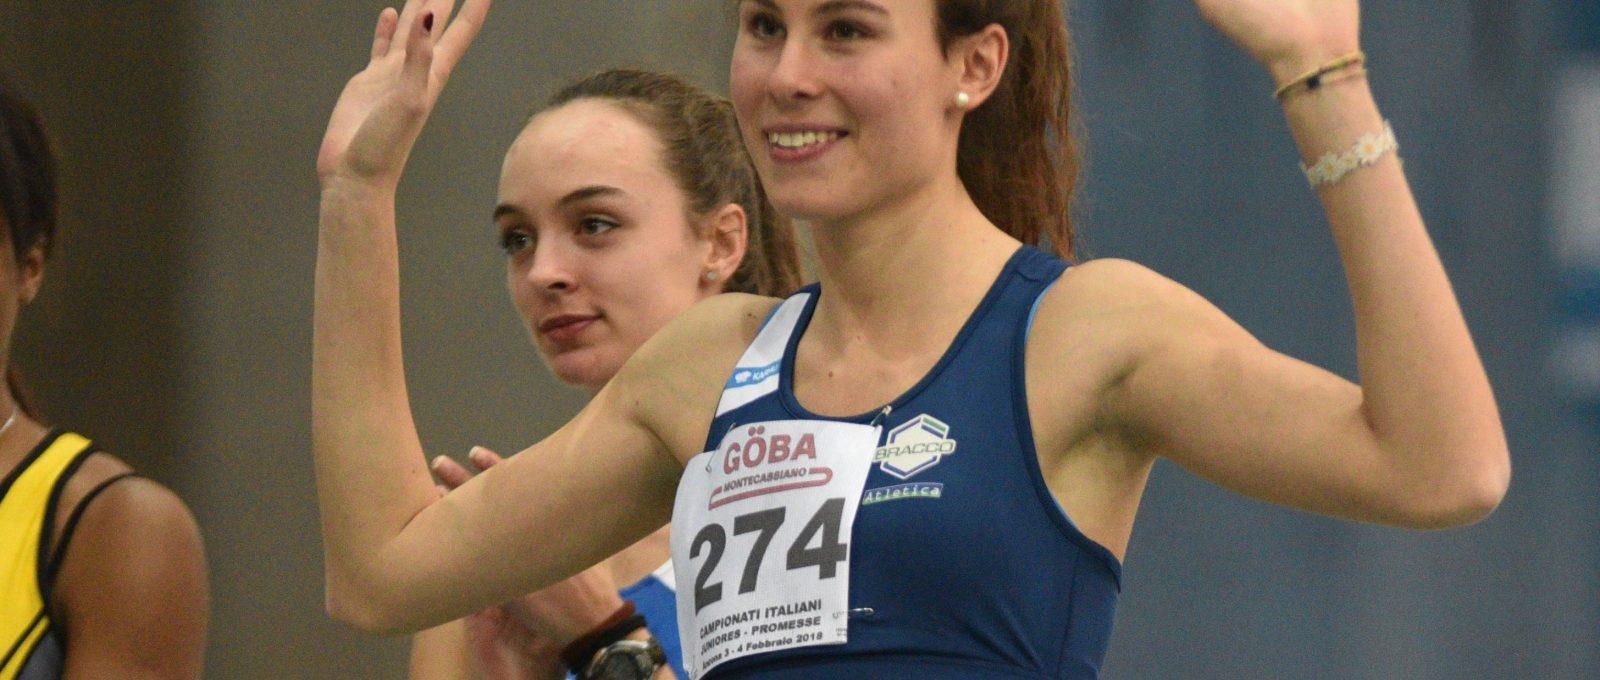 alessia brunetti 1600x680 - ALESSIA E' TORNATA E NON SOLO!